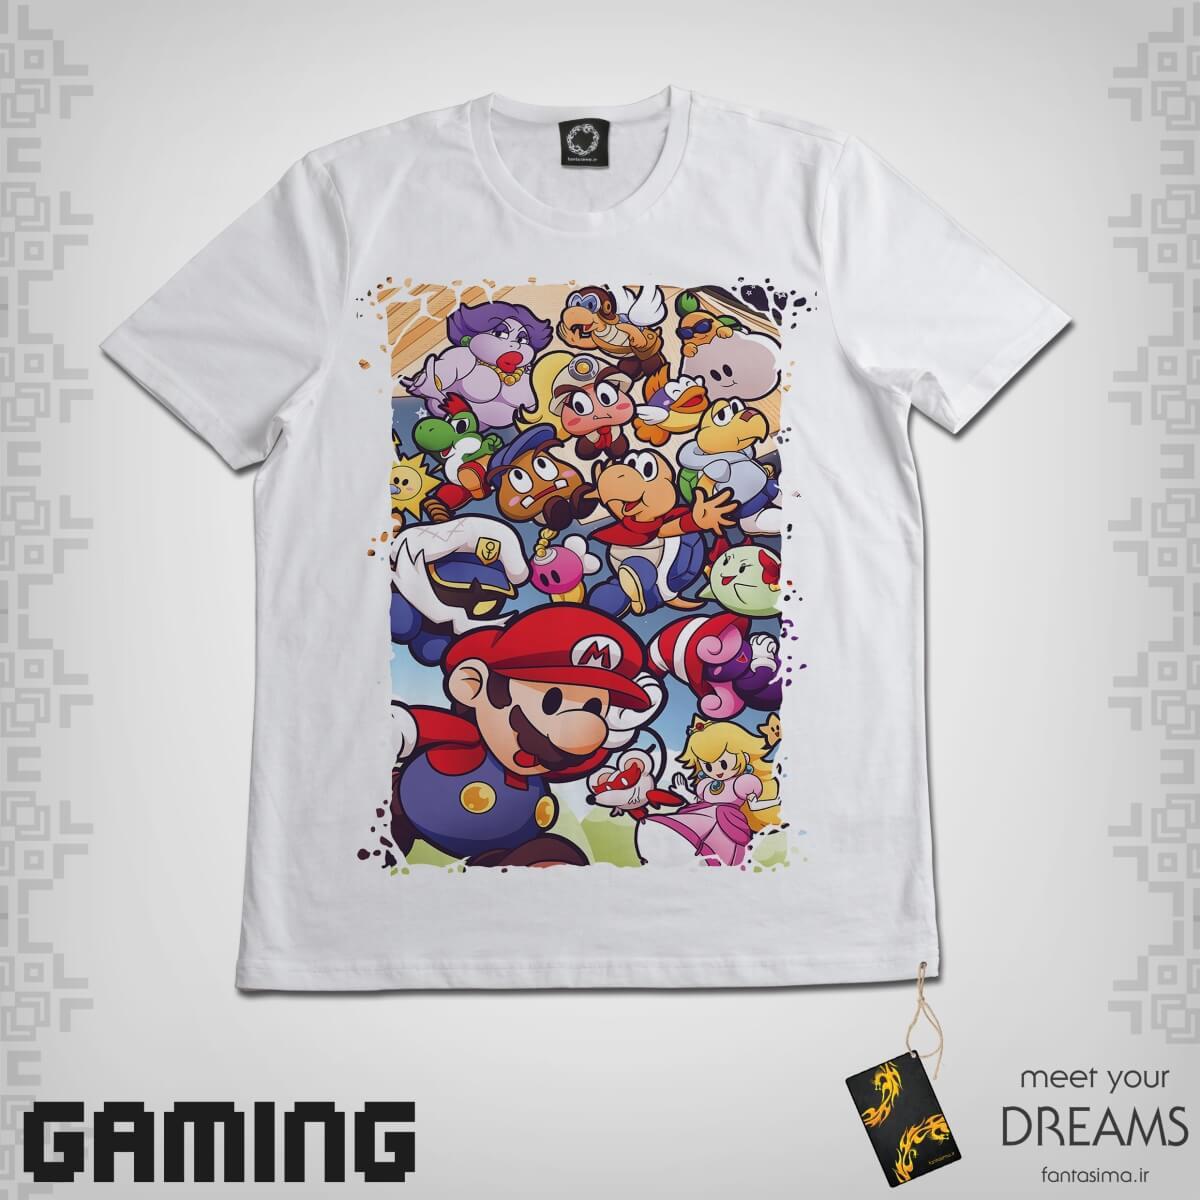 تیشرت کارتونی شخصیت های ماریو